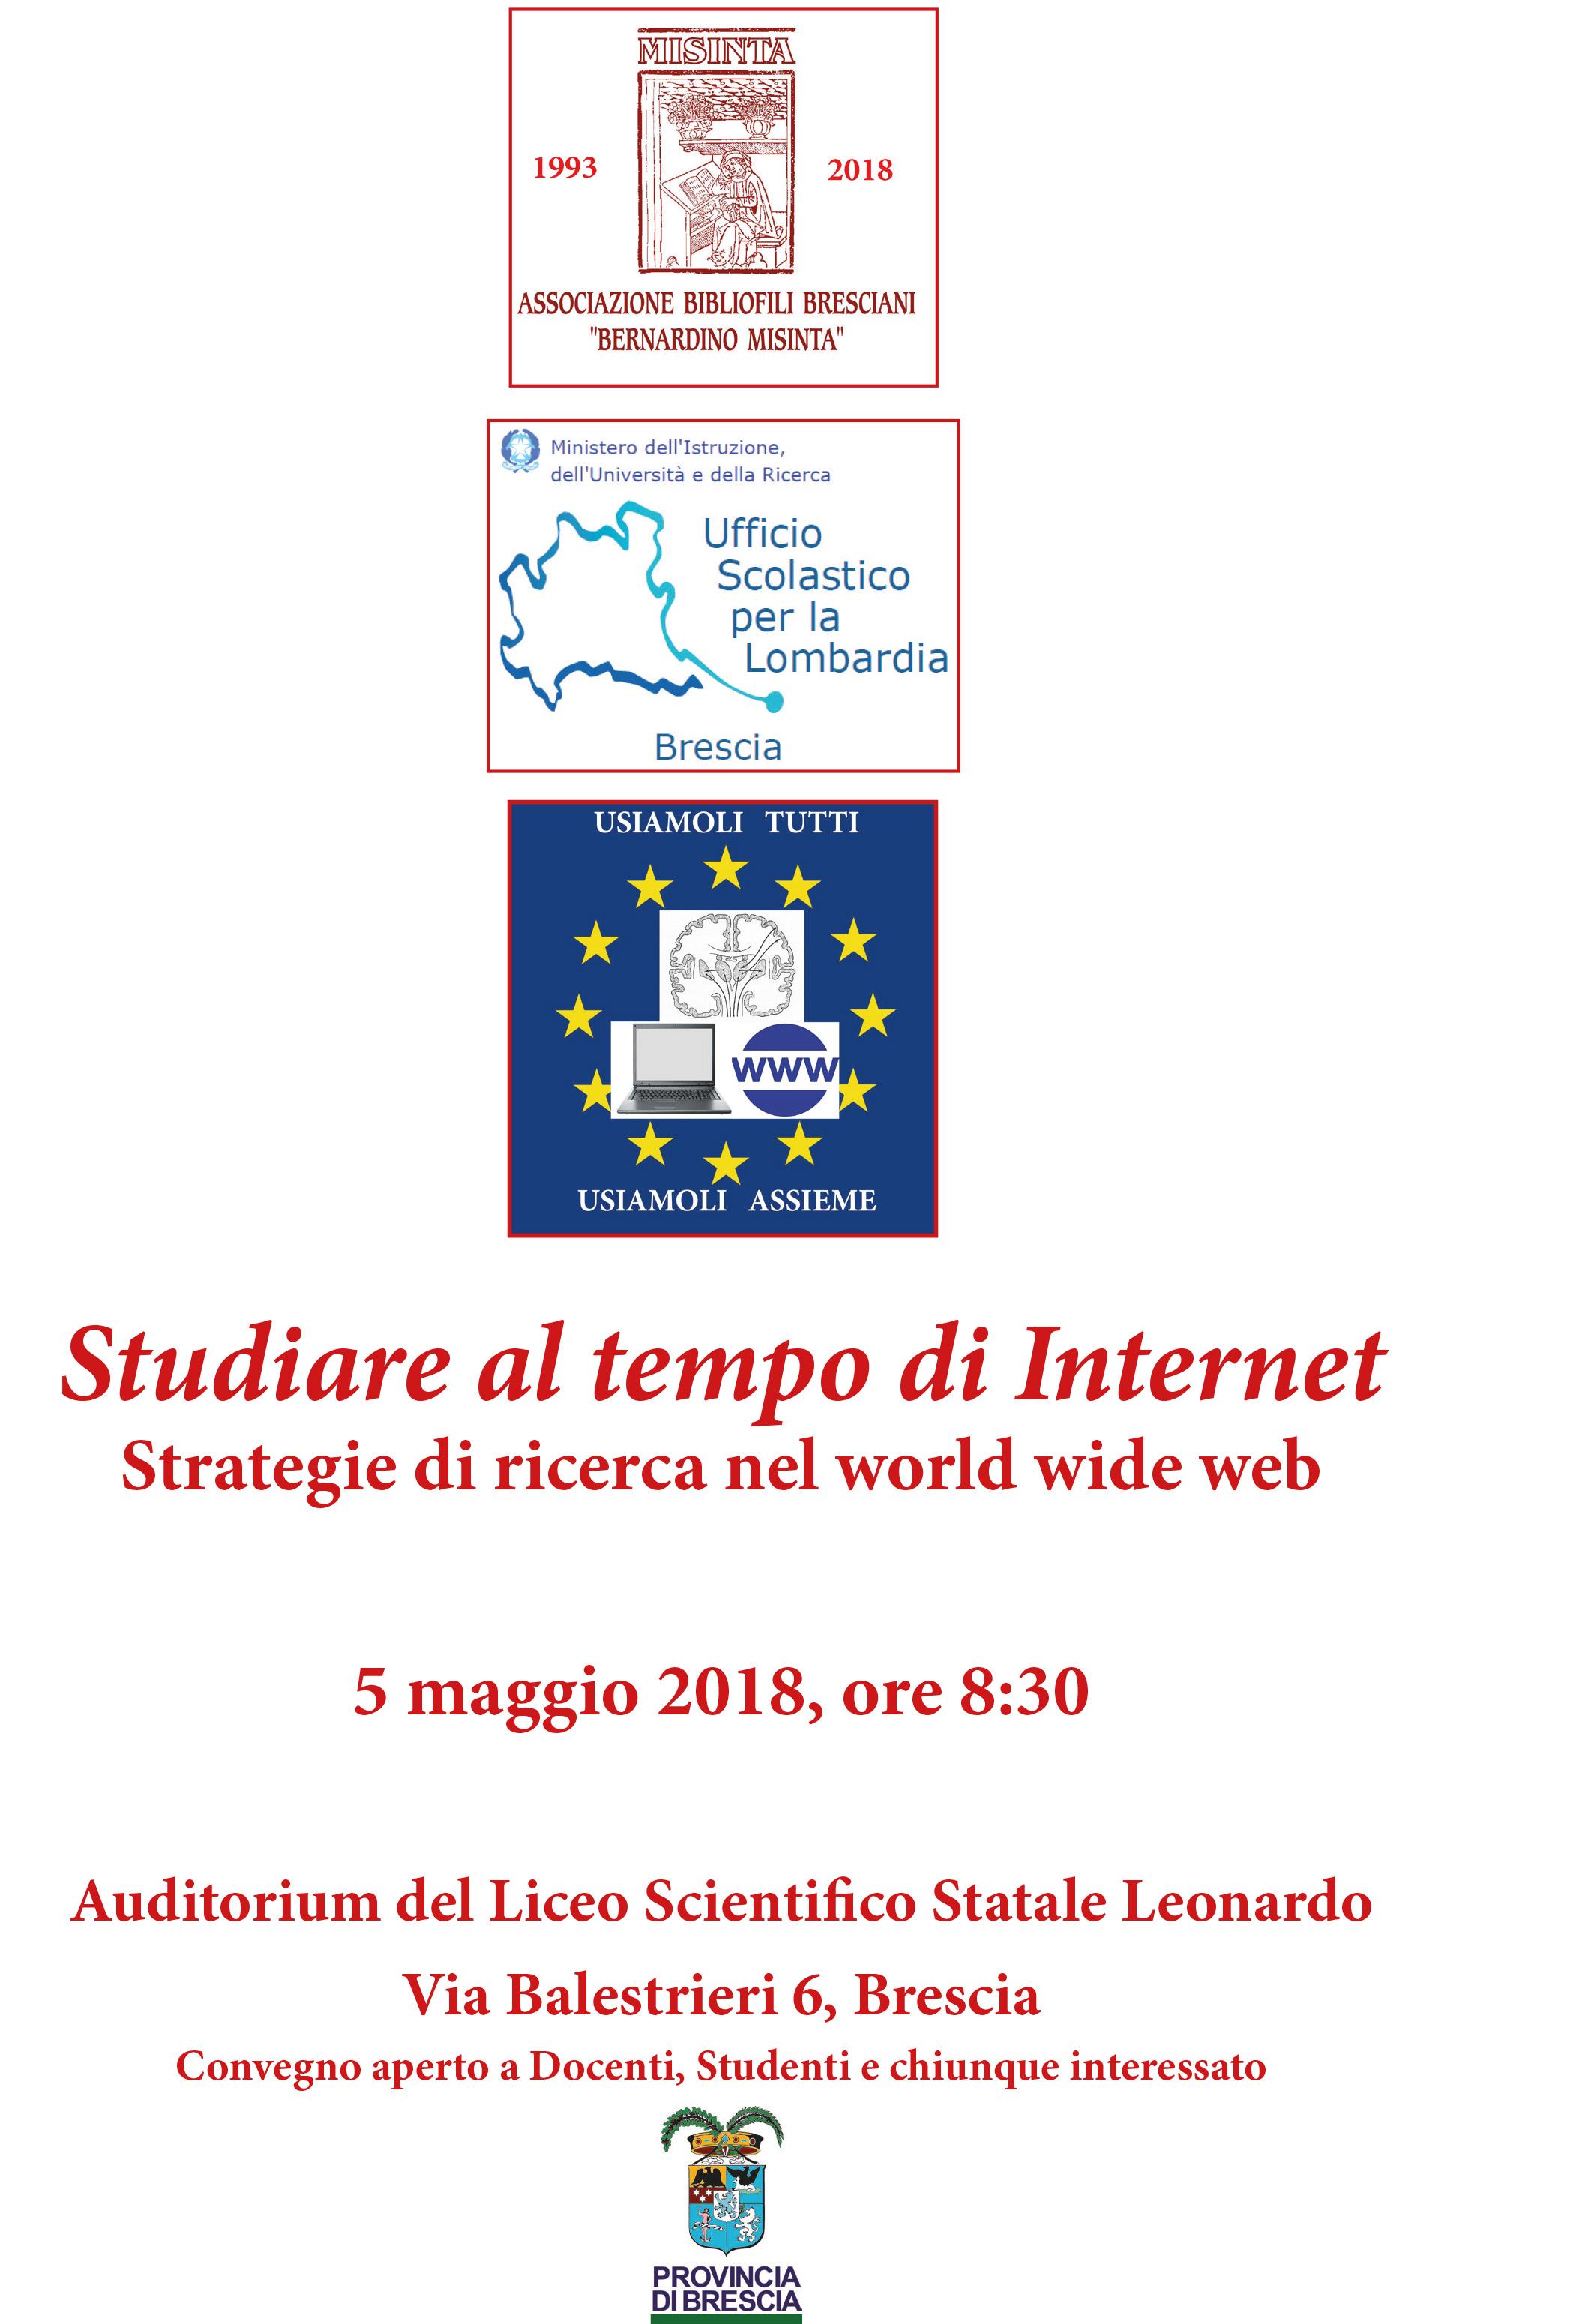 STUDIARE AL TEMPO DI INTERNET-1